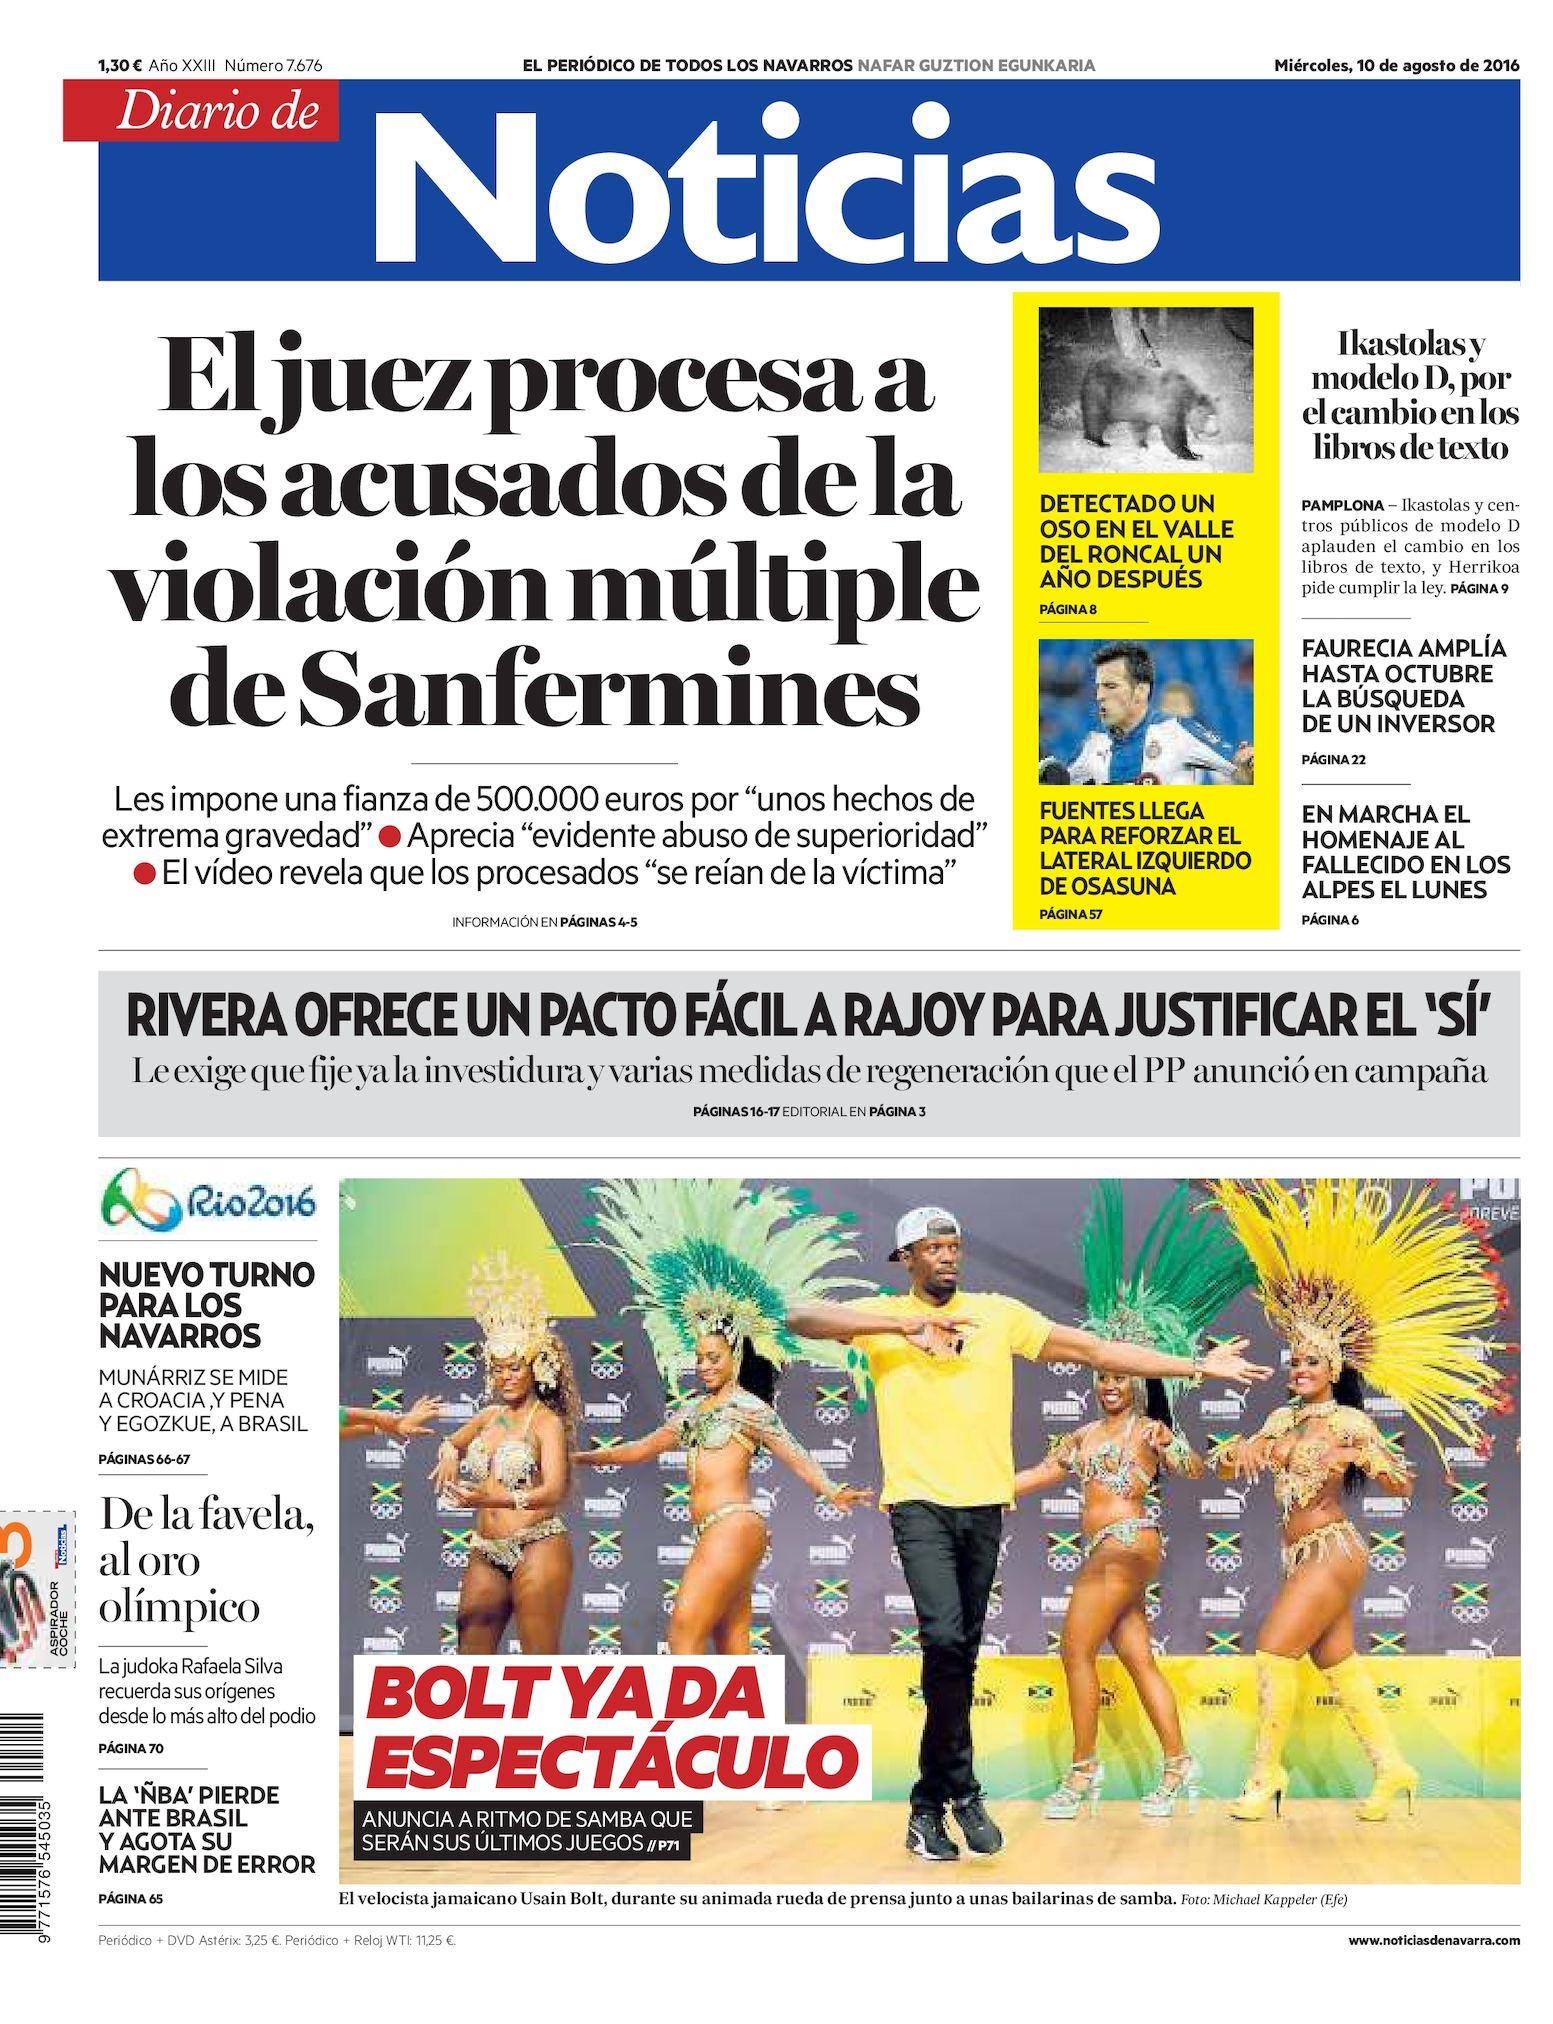 Calaméo - Diario de Noticias 20160810 8ac090a856f